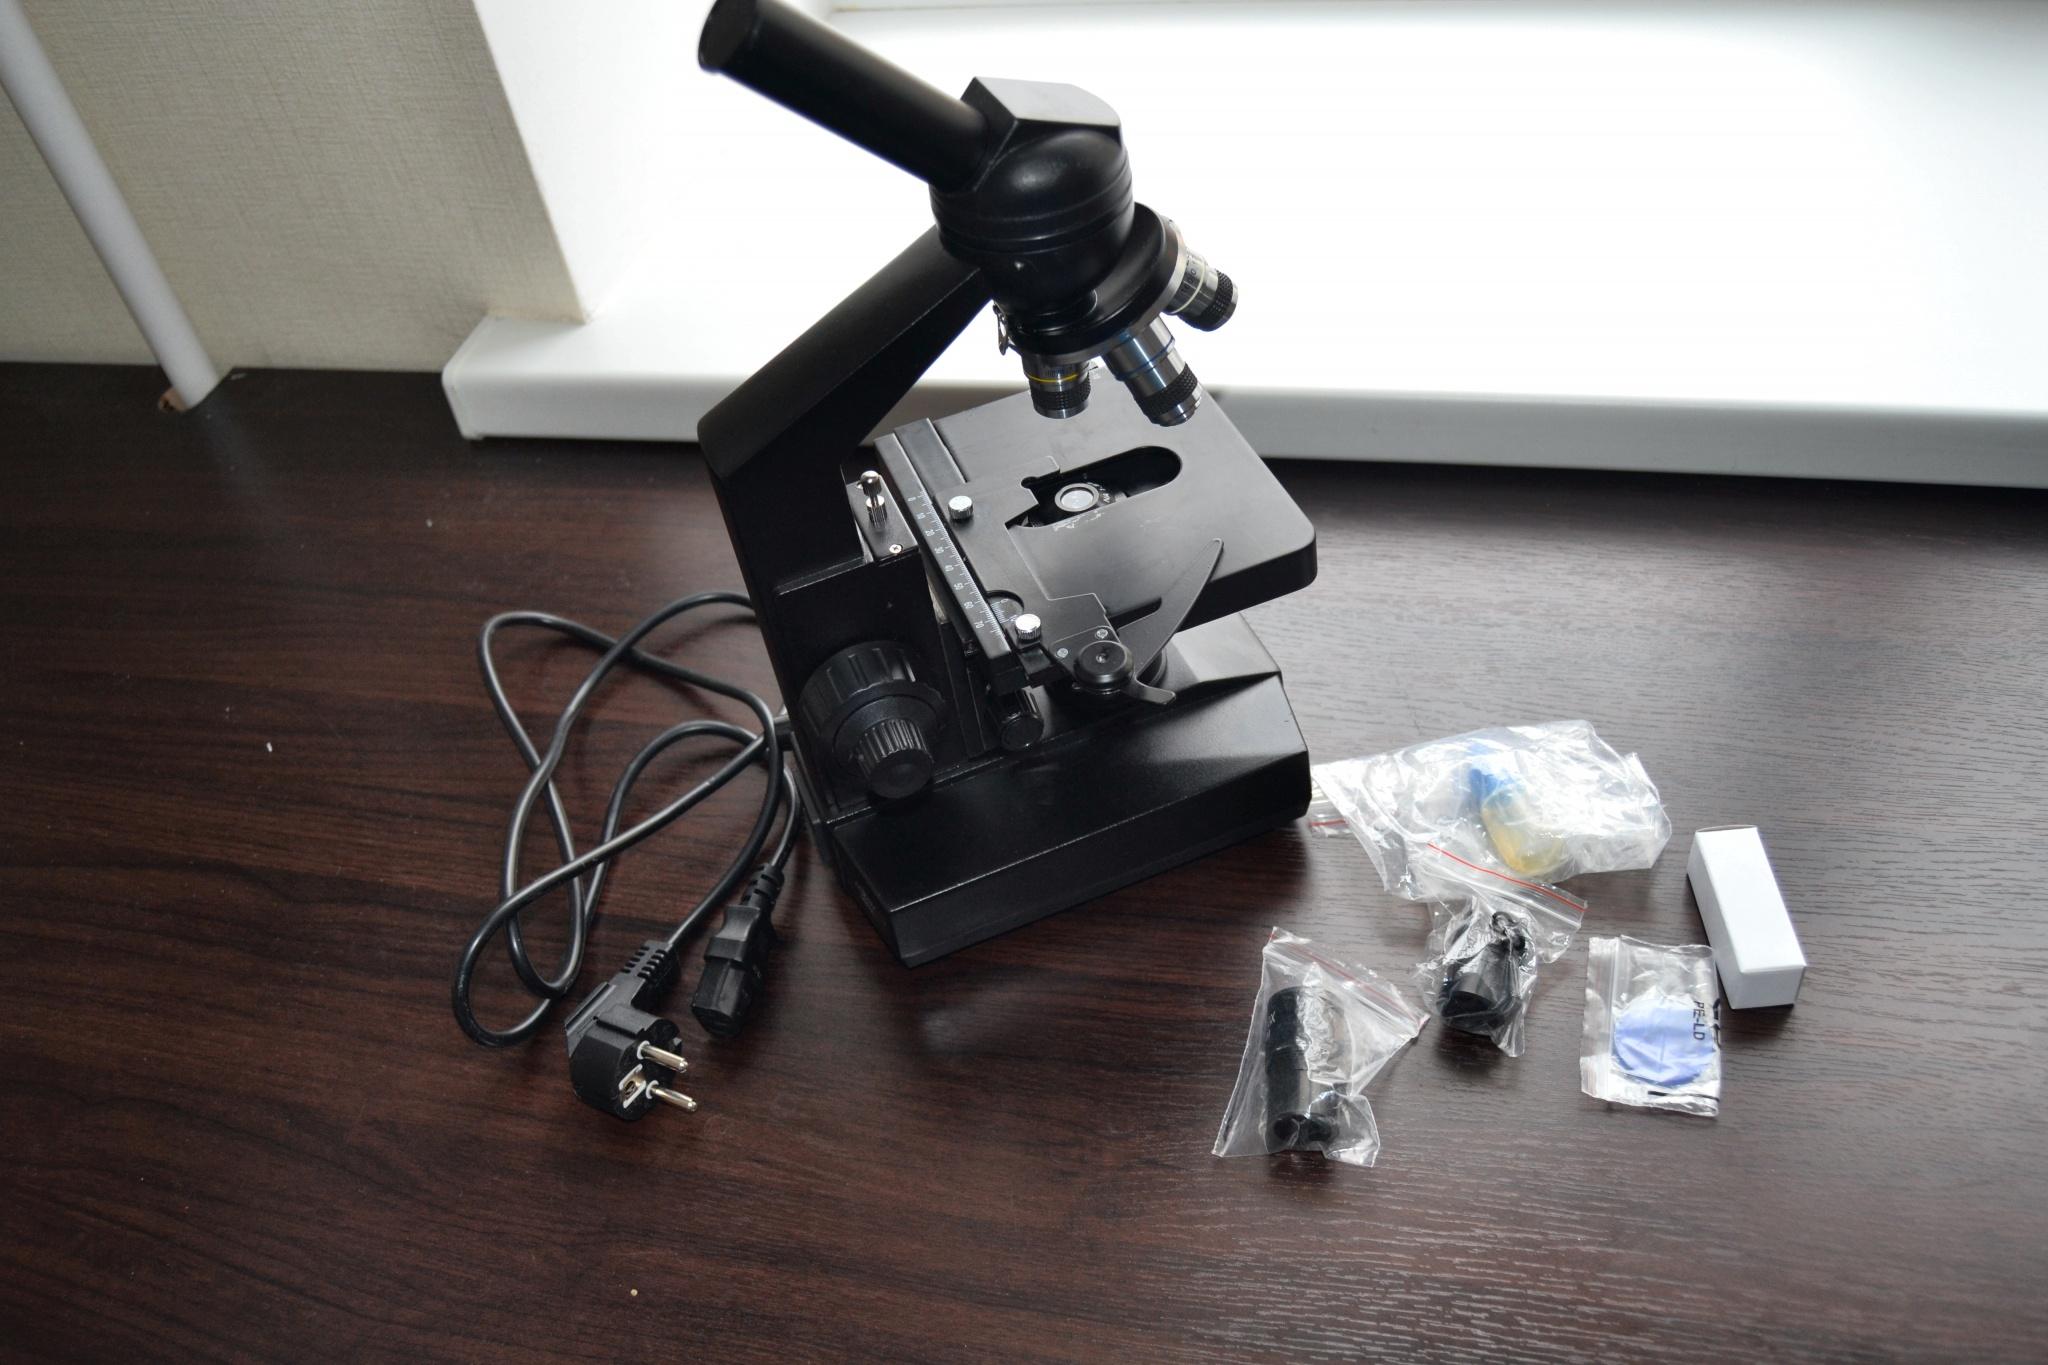 Обзор профессионального микроскопа Levenhuk 320 в домашних условиях